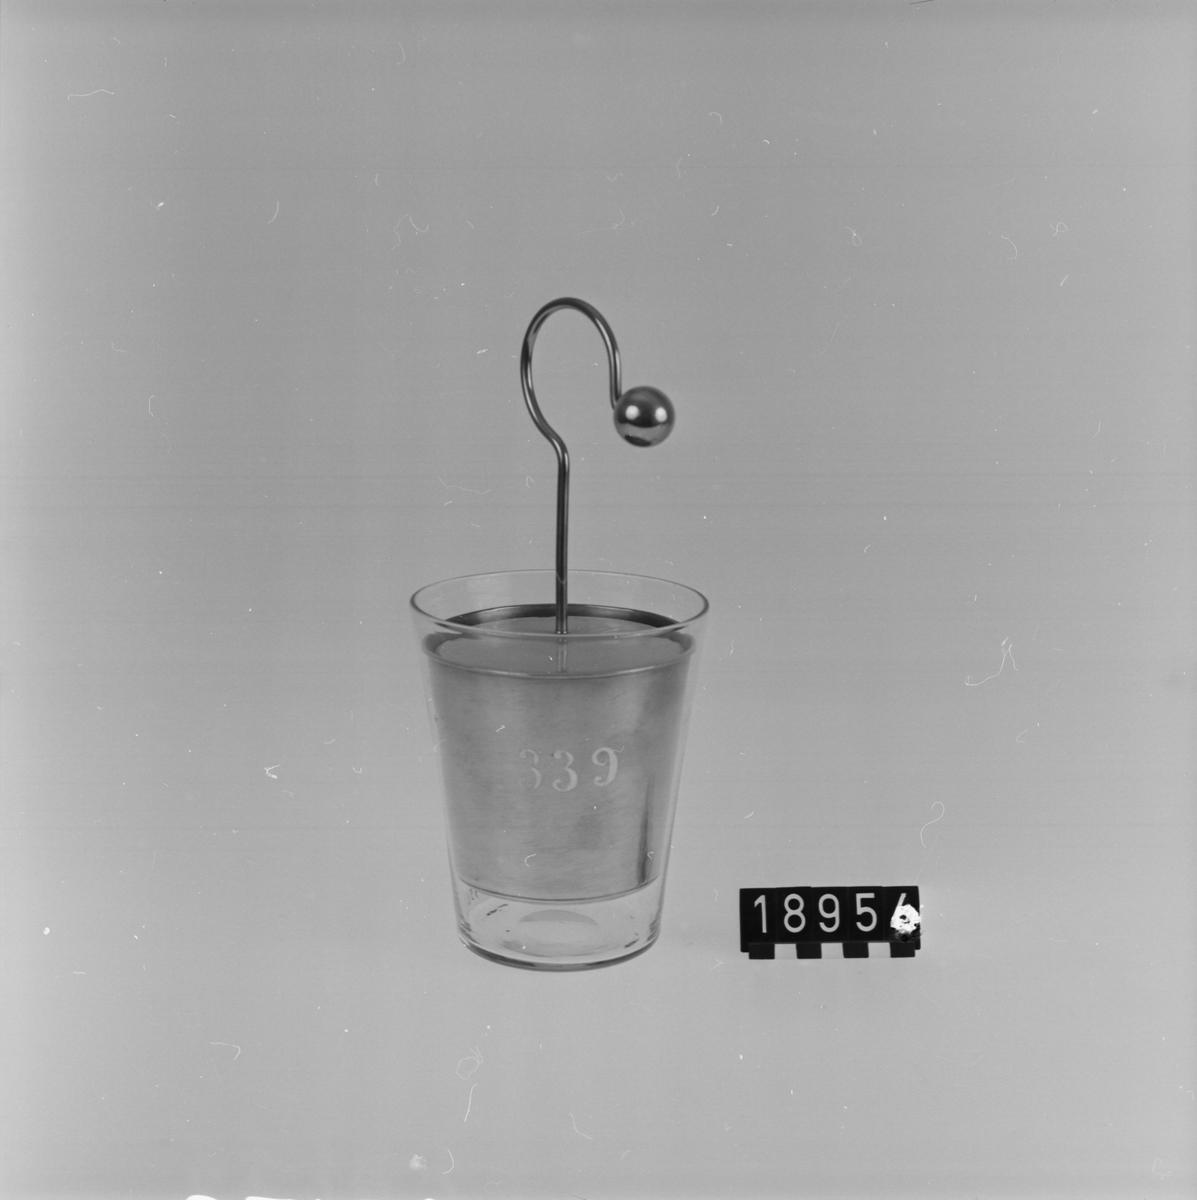 """Nio laddflaskor för statisk elektricitet, olika utföranden. Lösa delar: Tre små flaskor med oäkta bladguld, tre större flaskor med oäkta bladguld och krökt arm för konduktorkulan, stor flaska med tjockare stanniolbeläggning, smal flaska utan bladguld men med spets invändigt, """"flaska"""" av koniskt glaskärl med in- och utvändiga koniska kärl av mässing. En flaska är trasig."""